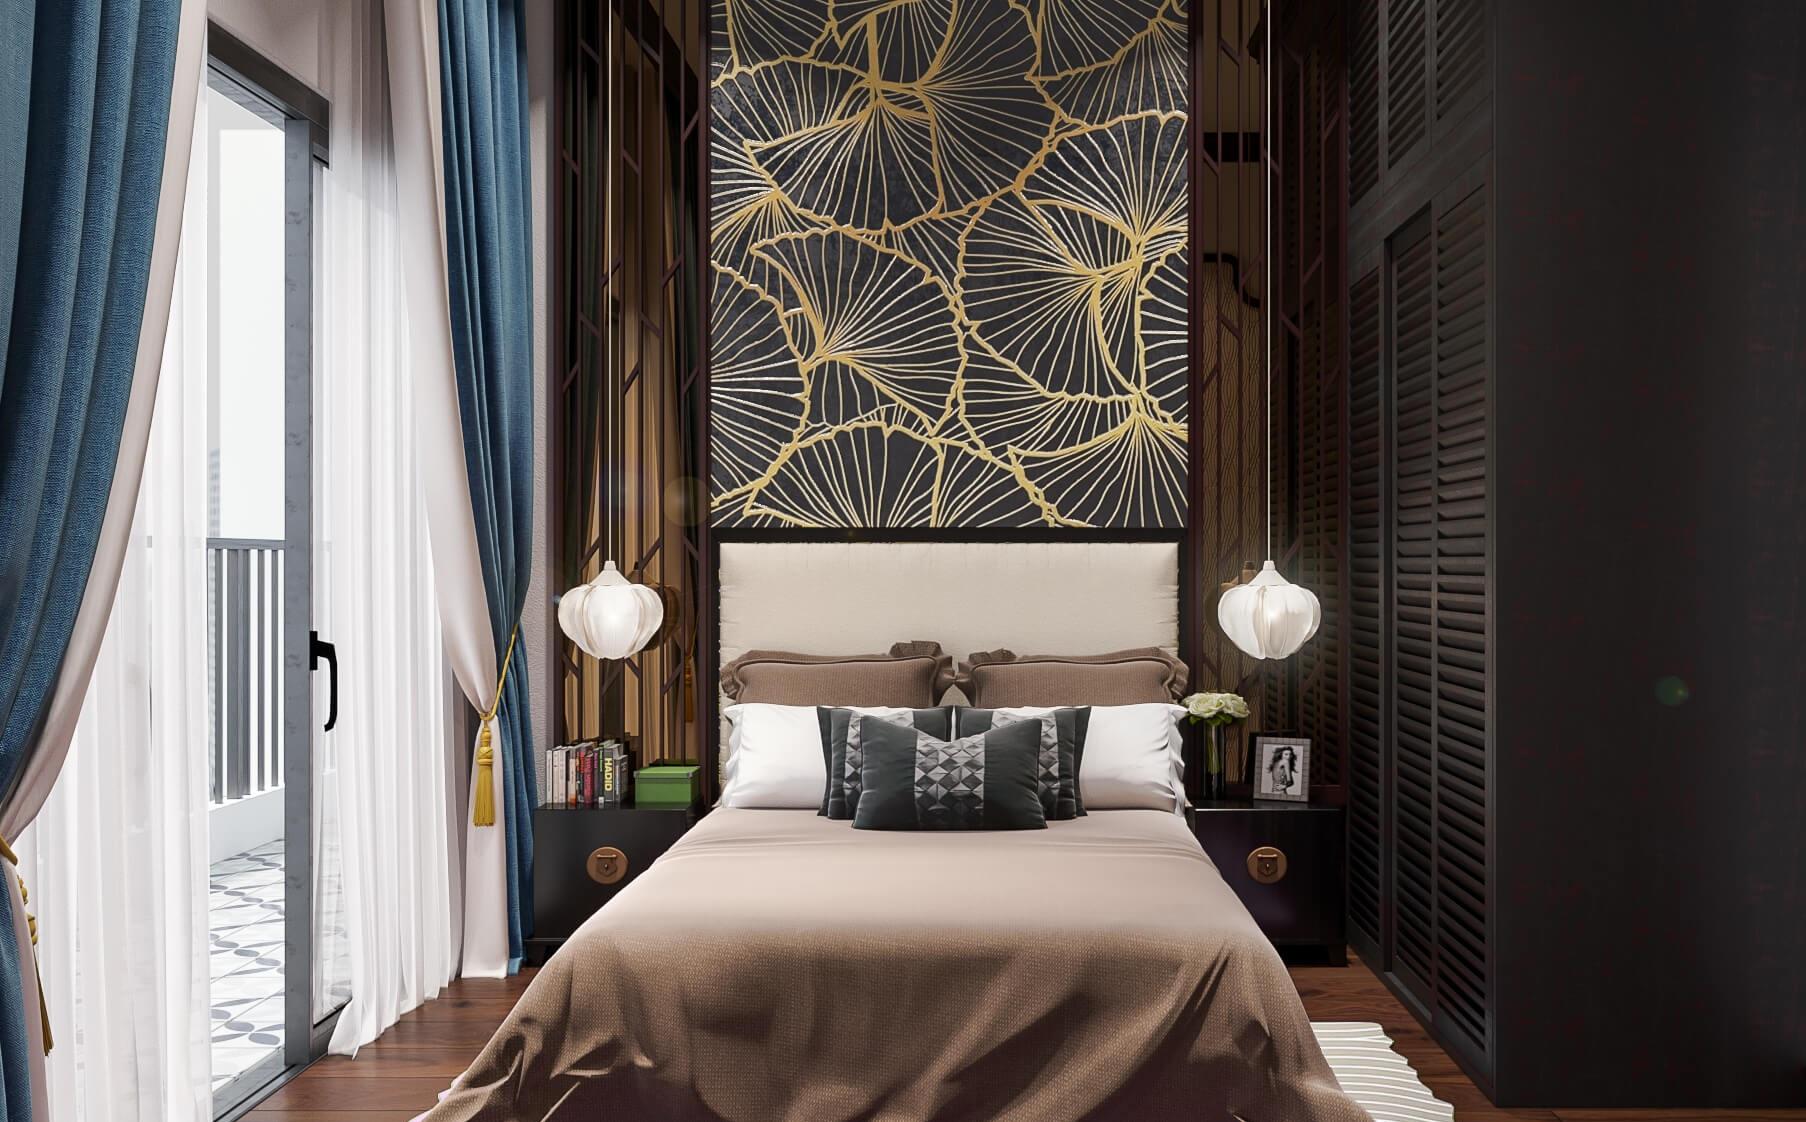 Thiết kế phòng ngủ phong cách Á Đông sang trọng, tiện nghi cho căn hộ cô Hoa